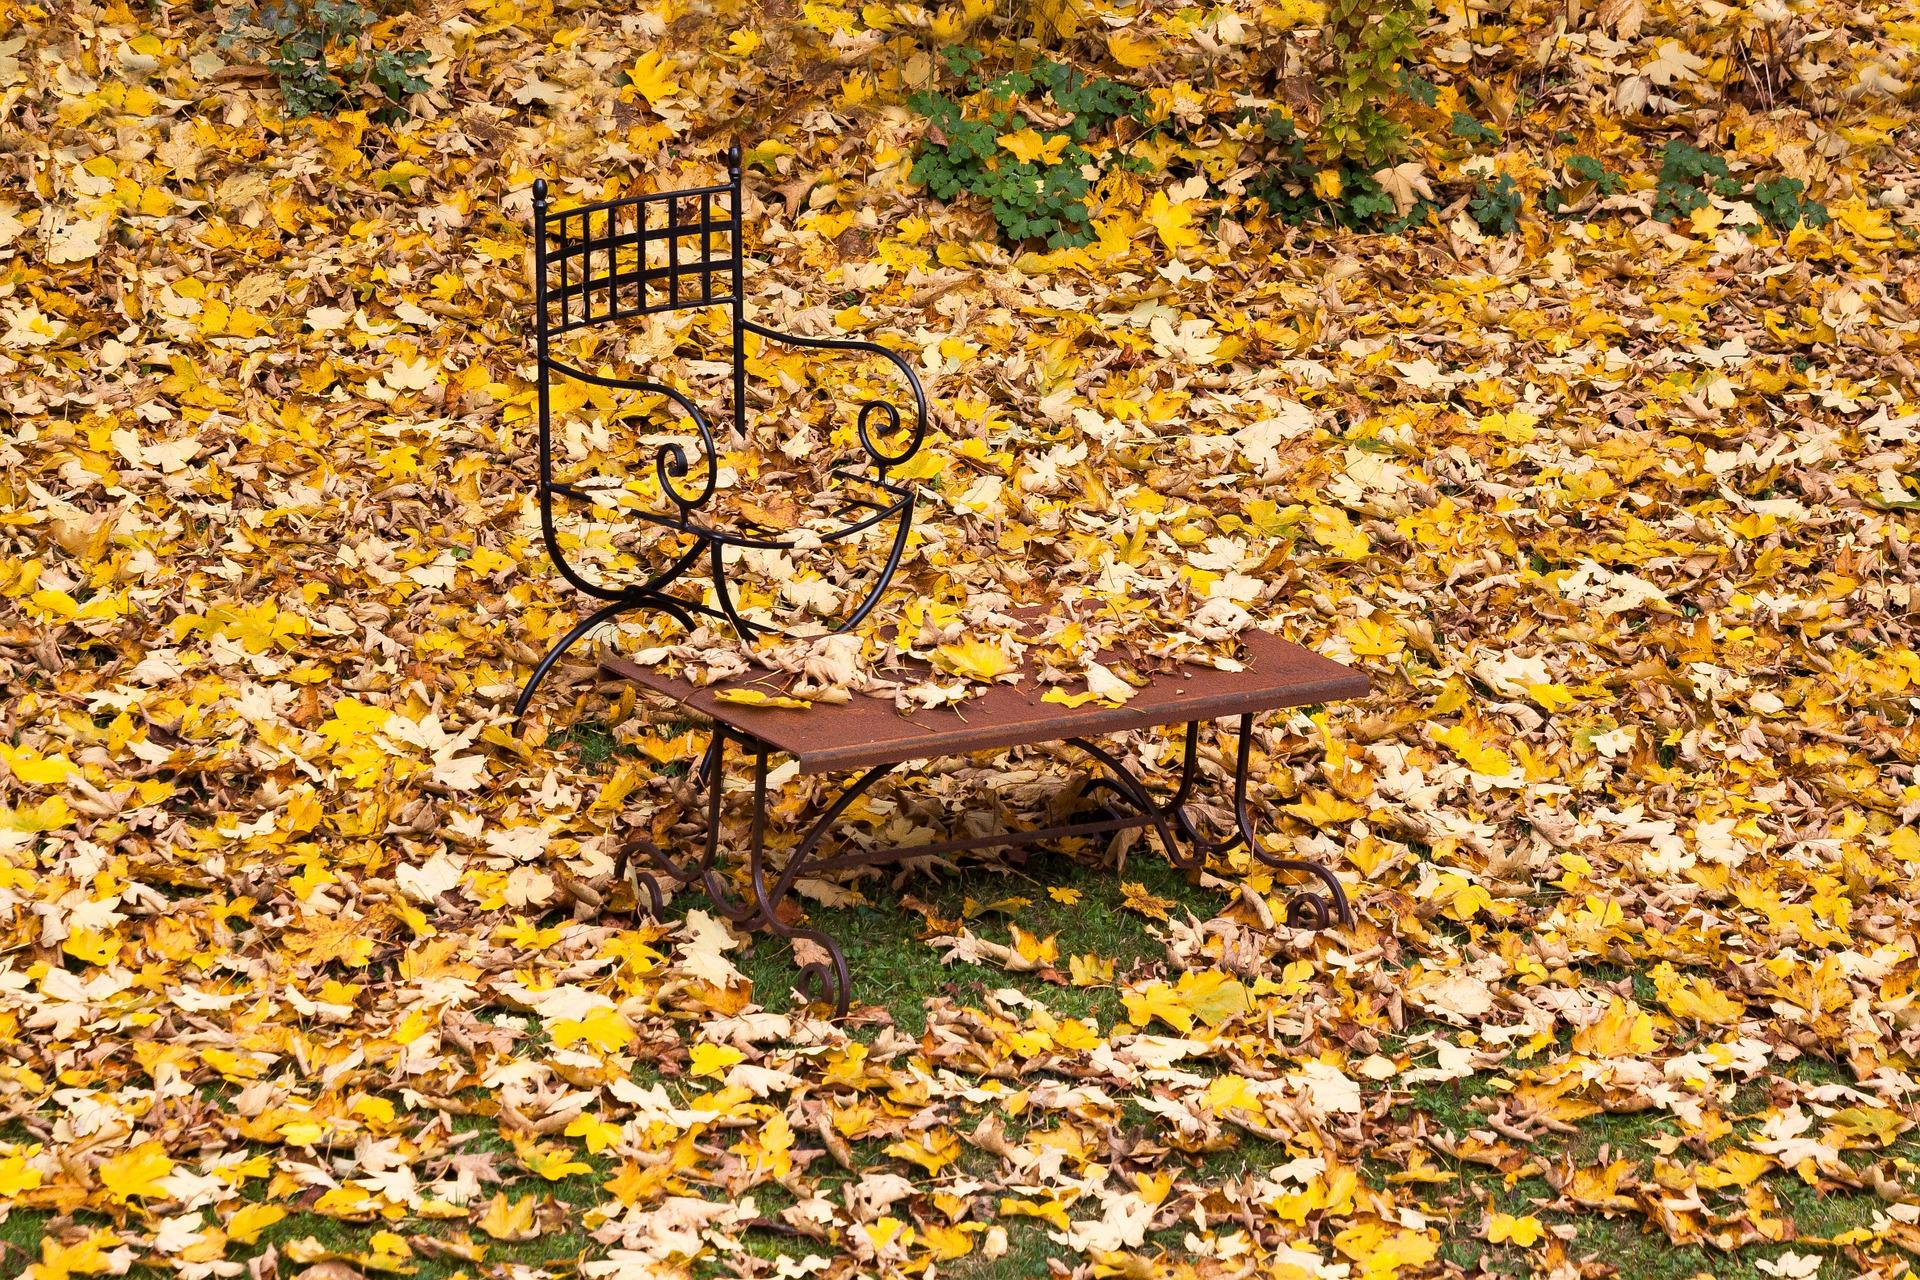 Herbst der eigentliche fr hling im garten st ger wohlf hloasen - Herbst garten ...